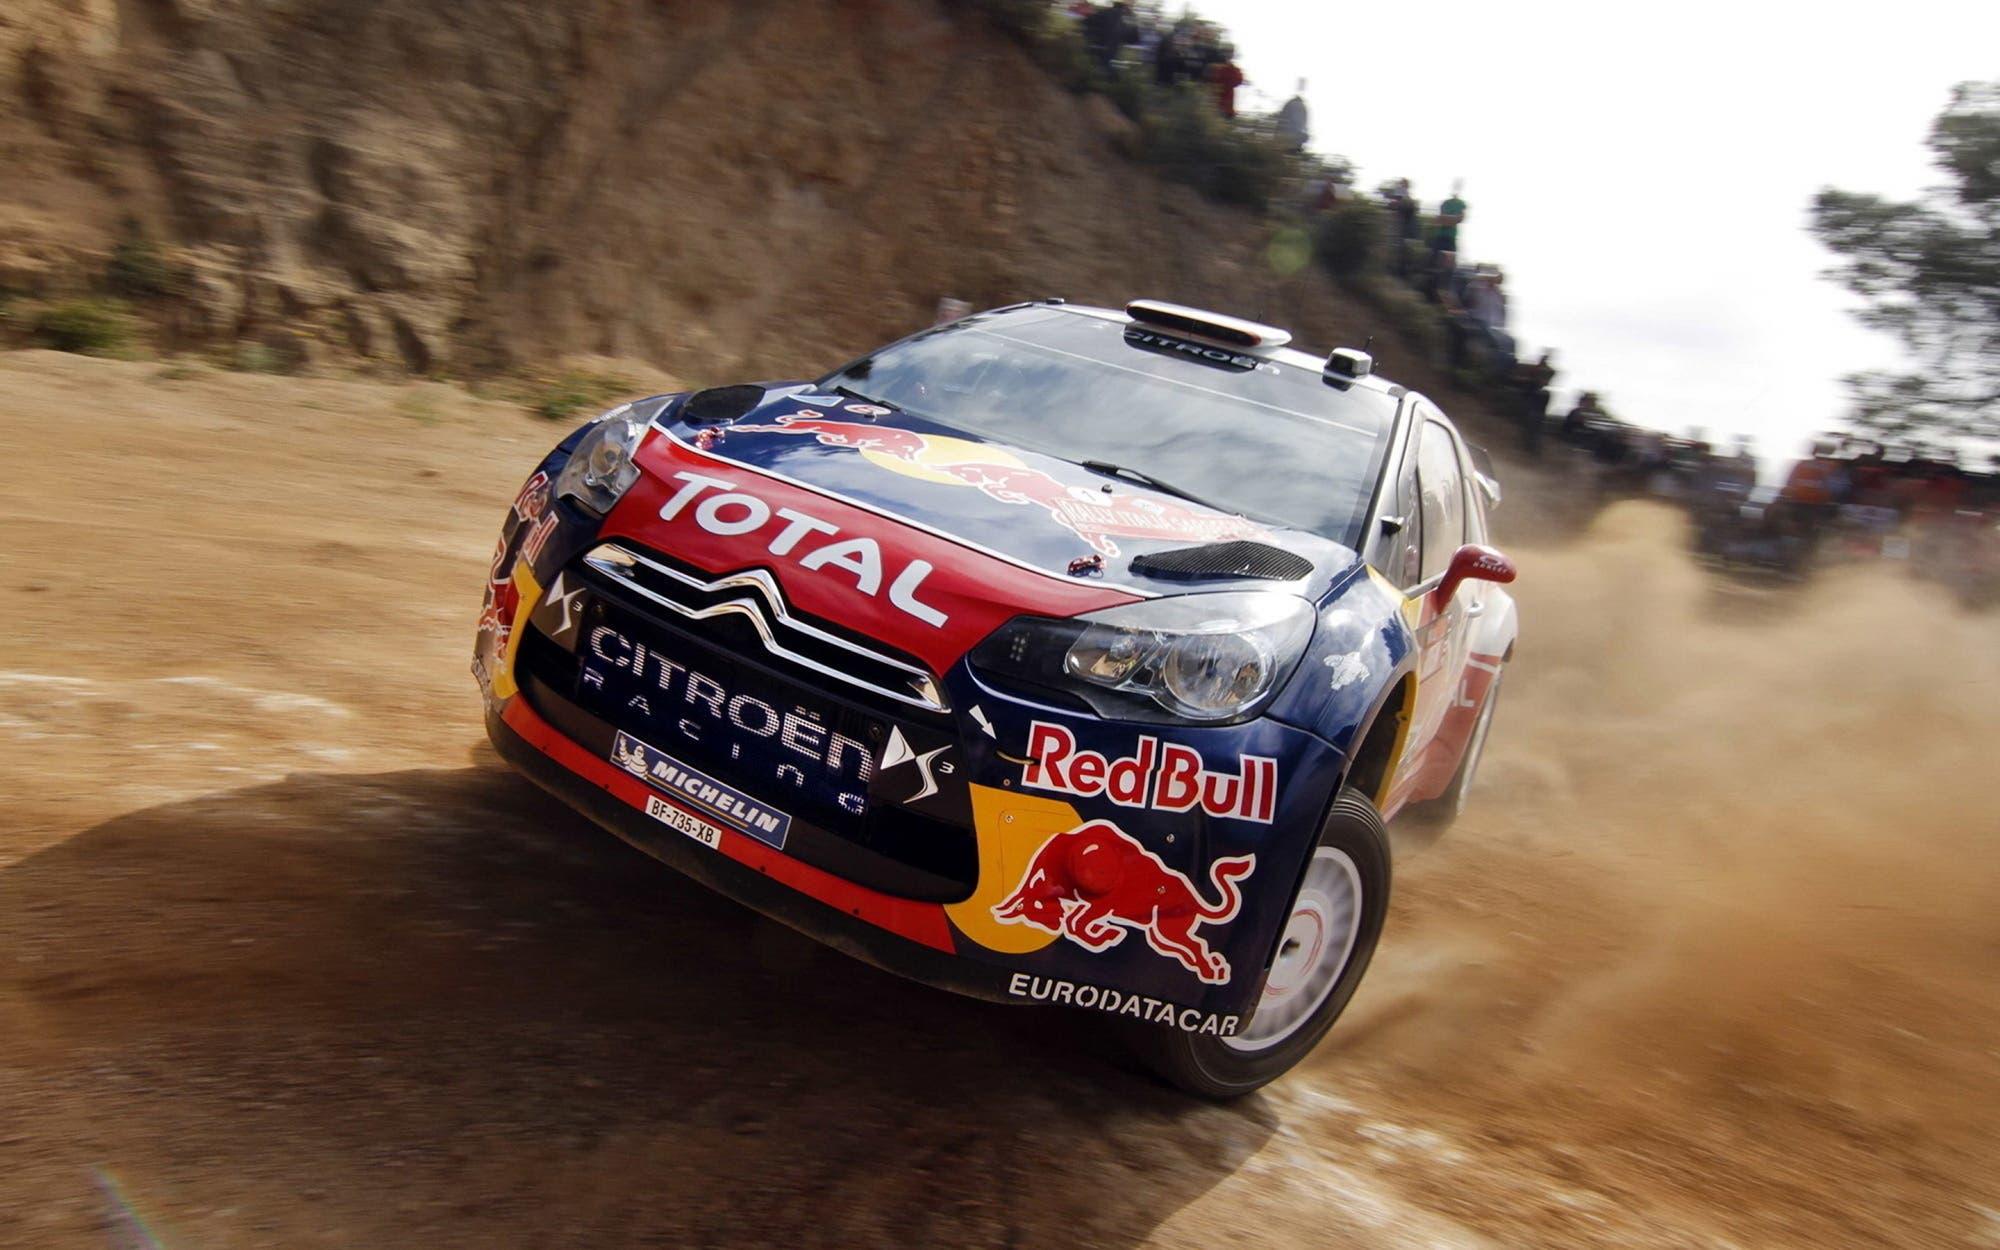 Comienza la campaña de reserva de Sebastien Loeb Rally Evo 1